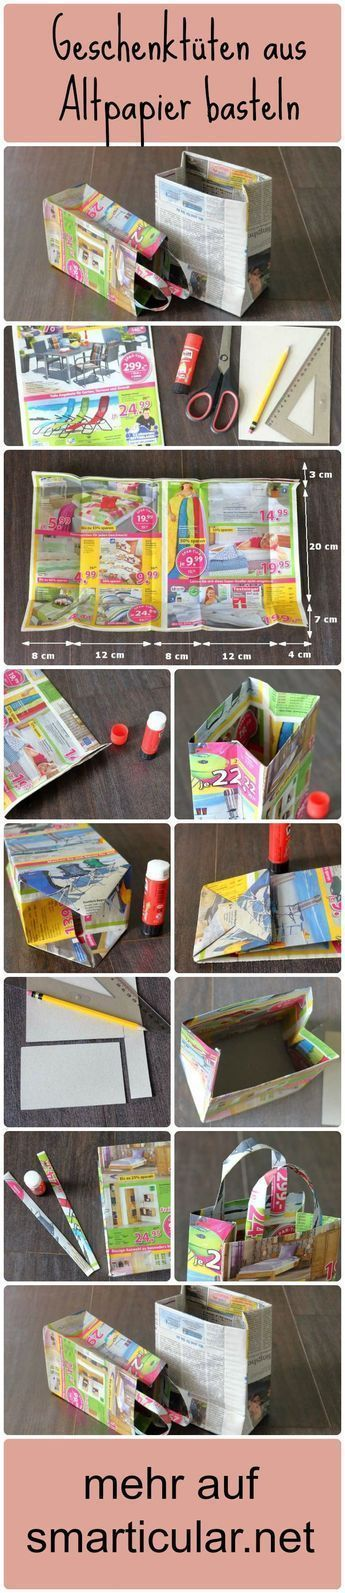 Tolle Bastelidee und noch nützlich - Geschenktüten aus Altpapier basteln - Sieht echt super aus★